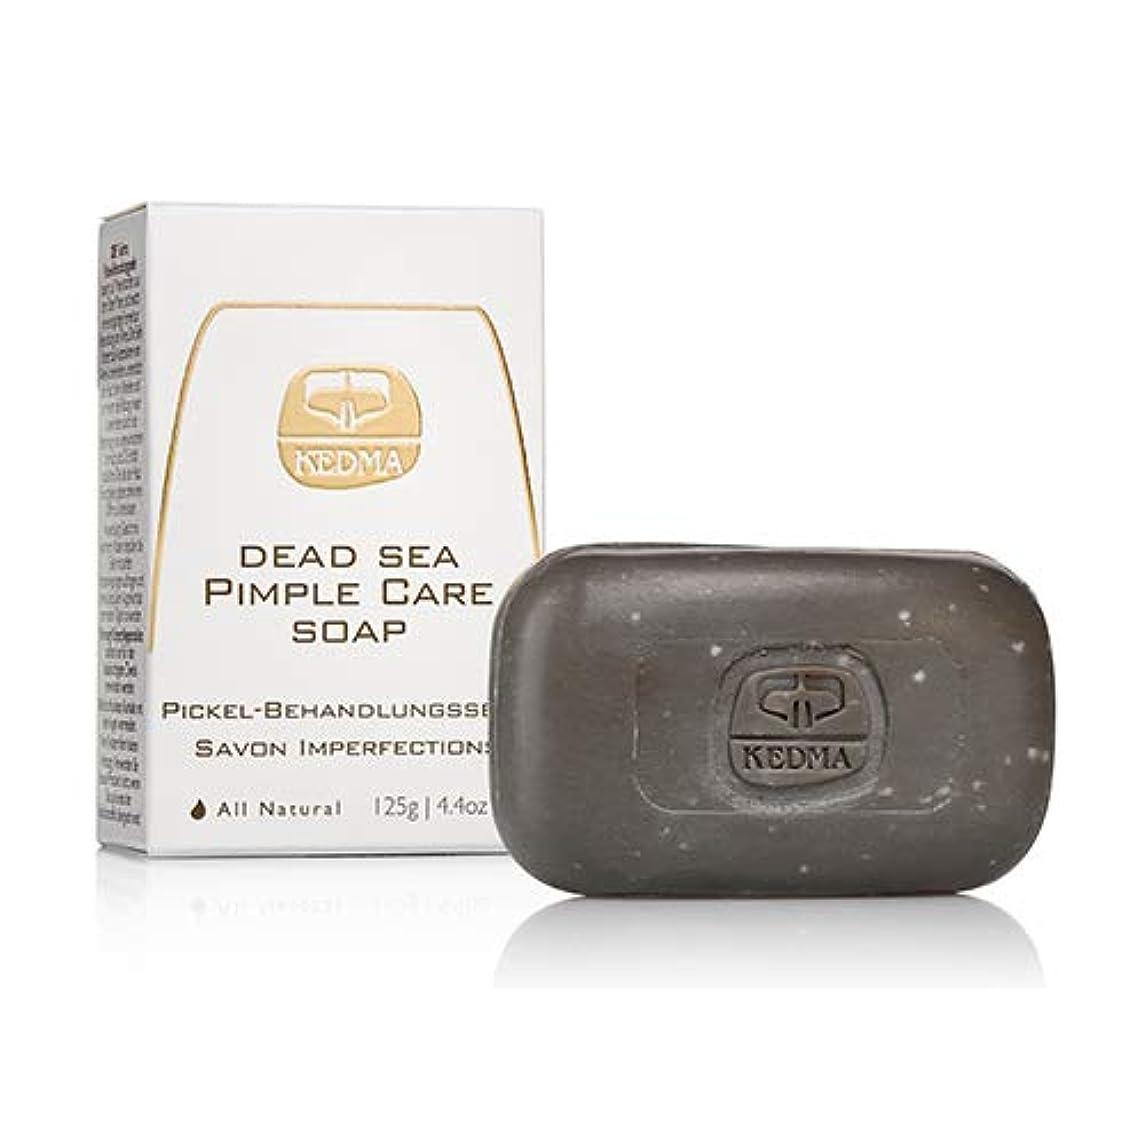 拳ビタミン思いつく【日本初上陸/正規代理店】KEDMA死海のミネラル石鹸 死海ピンプルケアソープ 125g